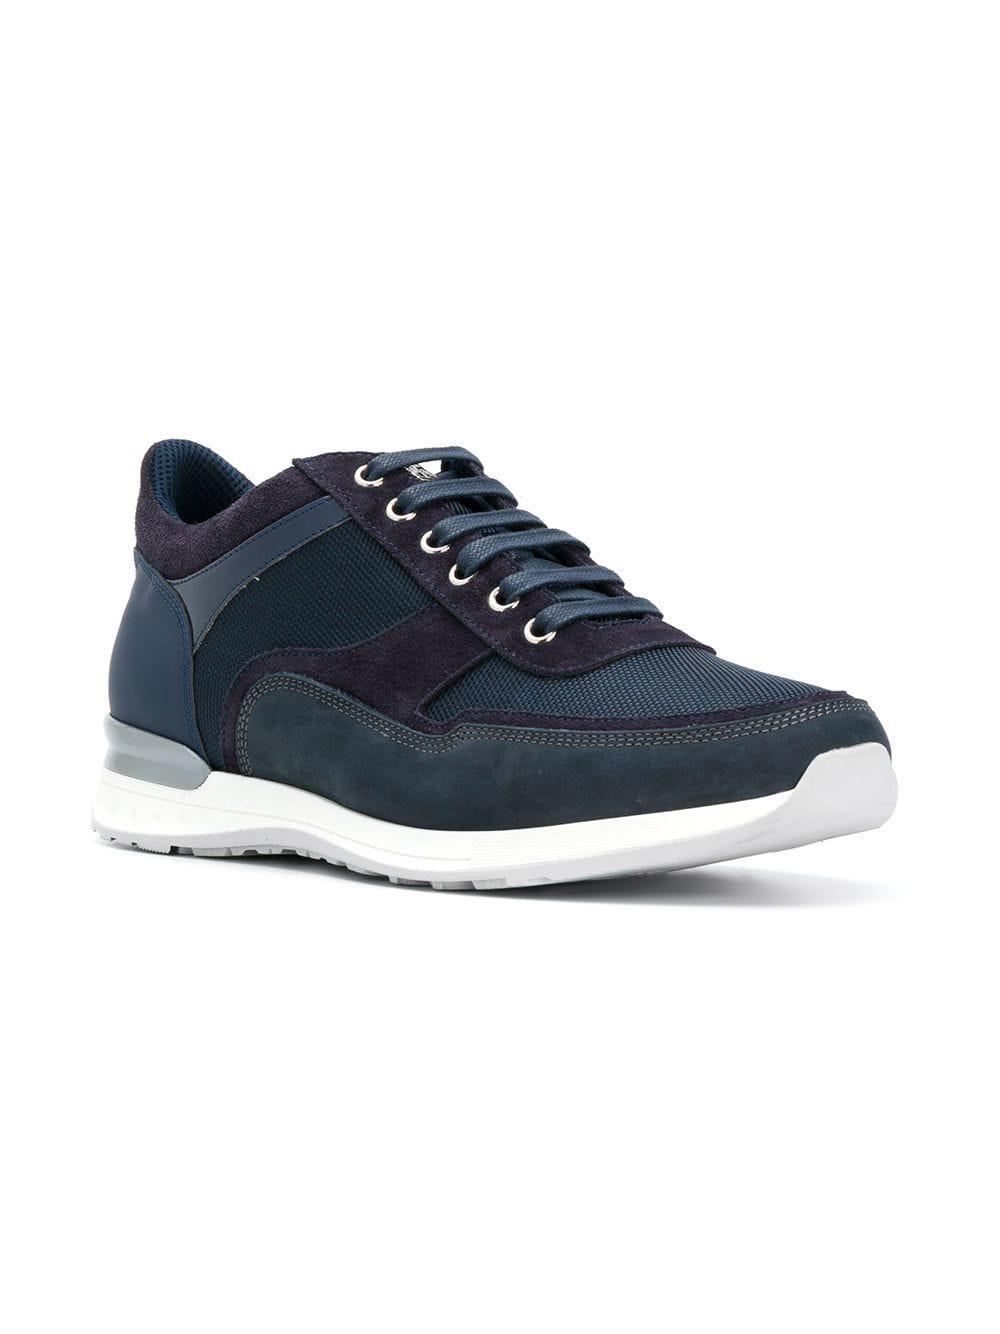 Zapatillas bajas clásicas Corneliani de Cuero de color Azul para hombre